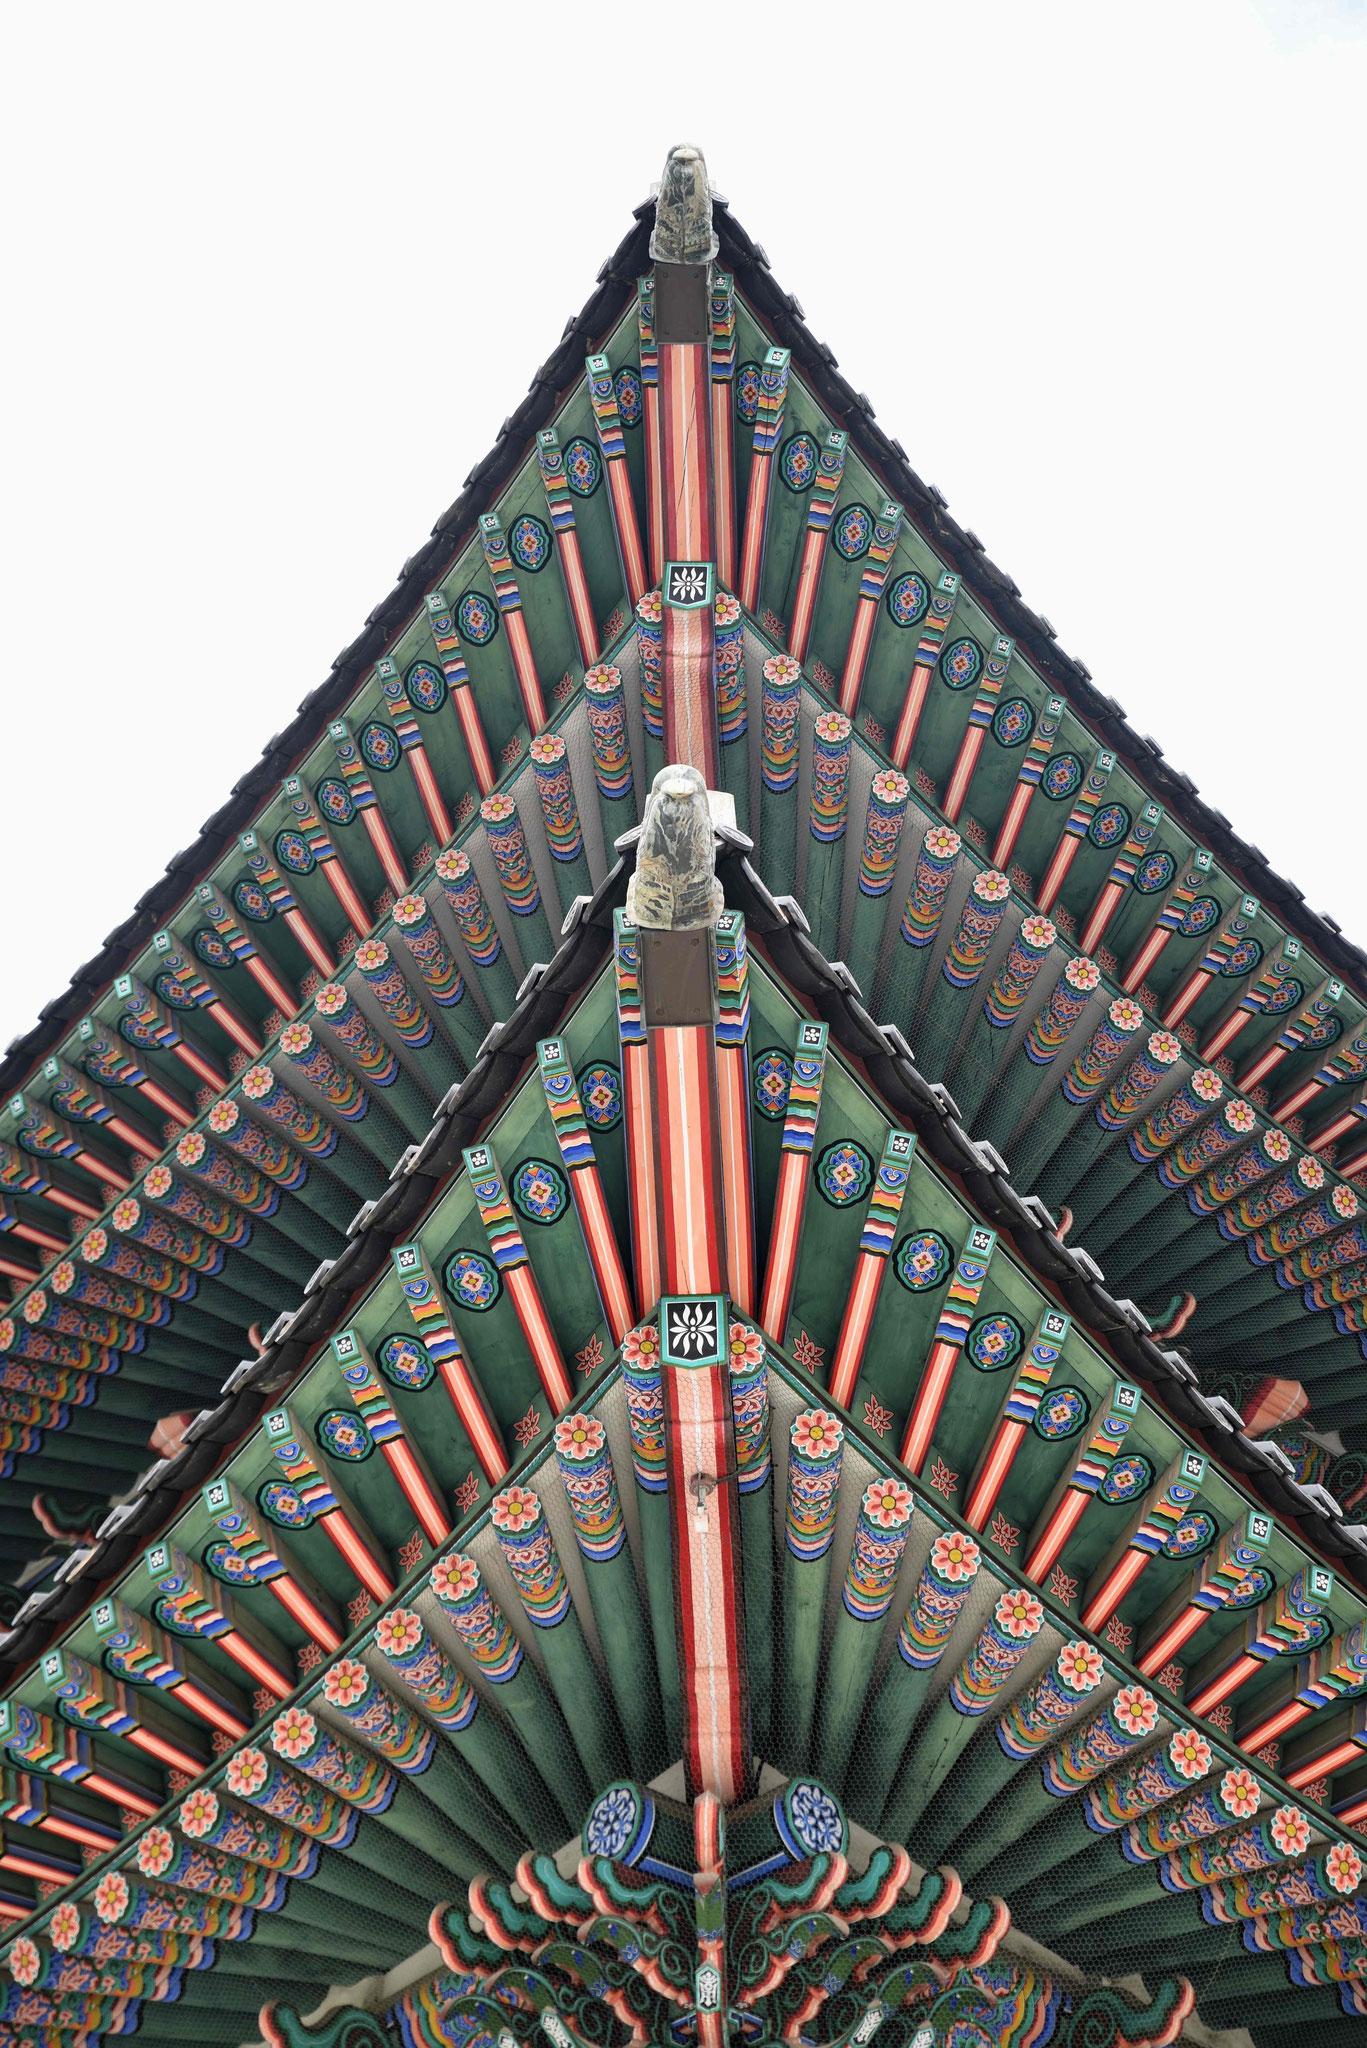 Einfach faszinierende Dachkonstruktion